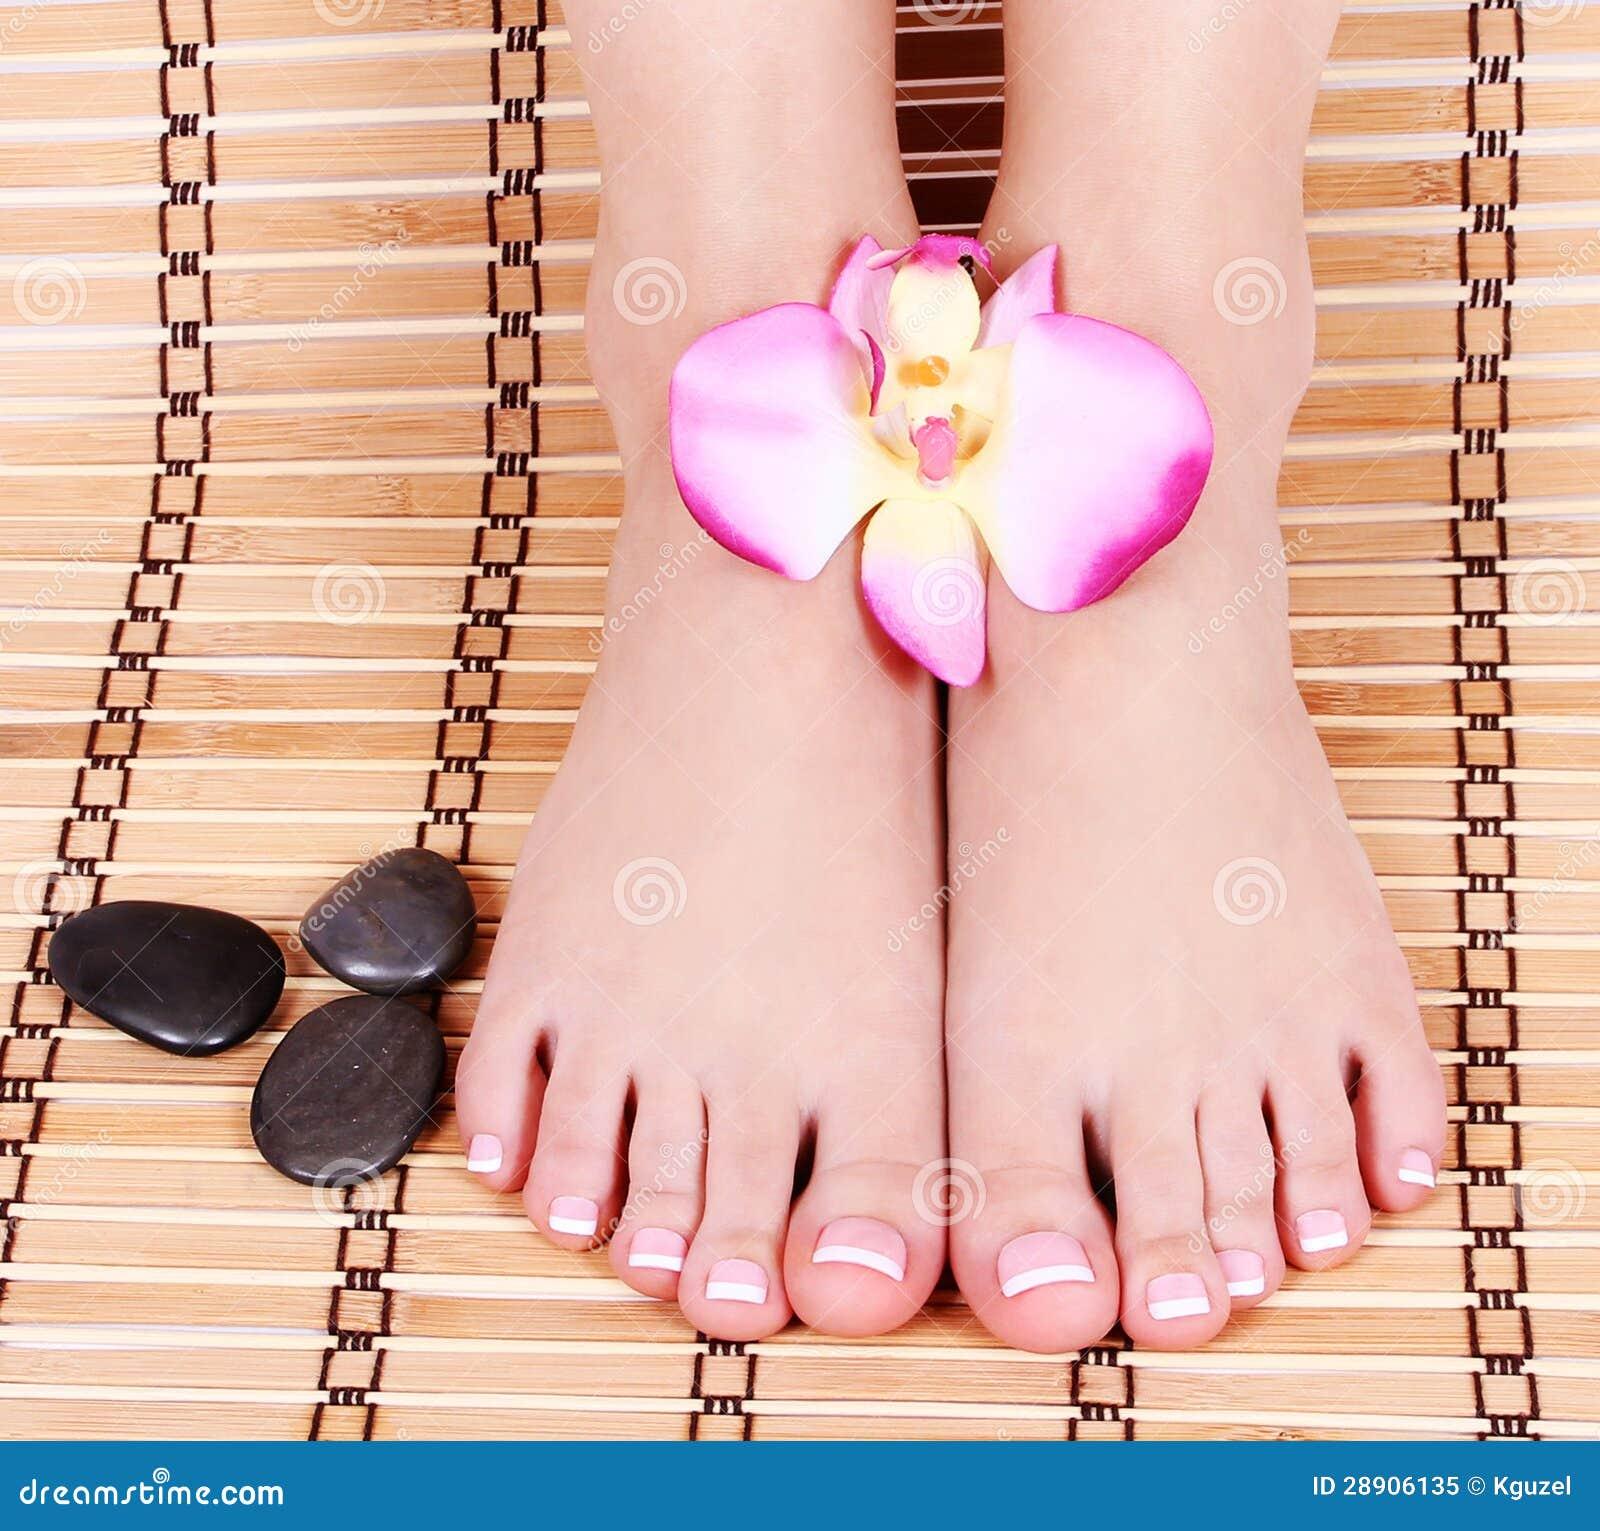 Mooi manicured vrouwelijke naakte voeten met orchideebloemen en kuuroordstenen over bamboemat